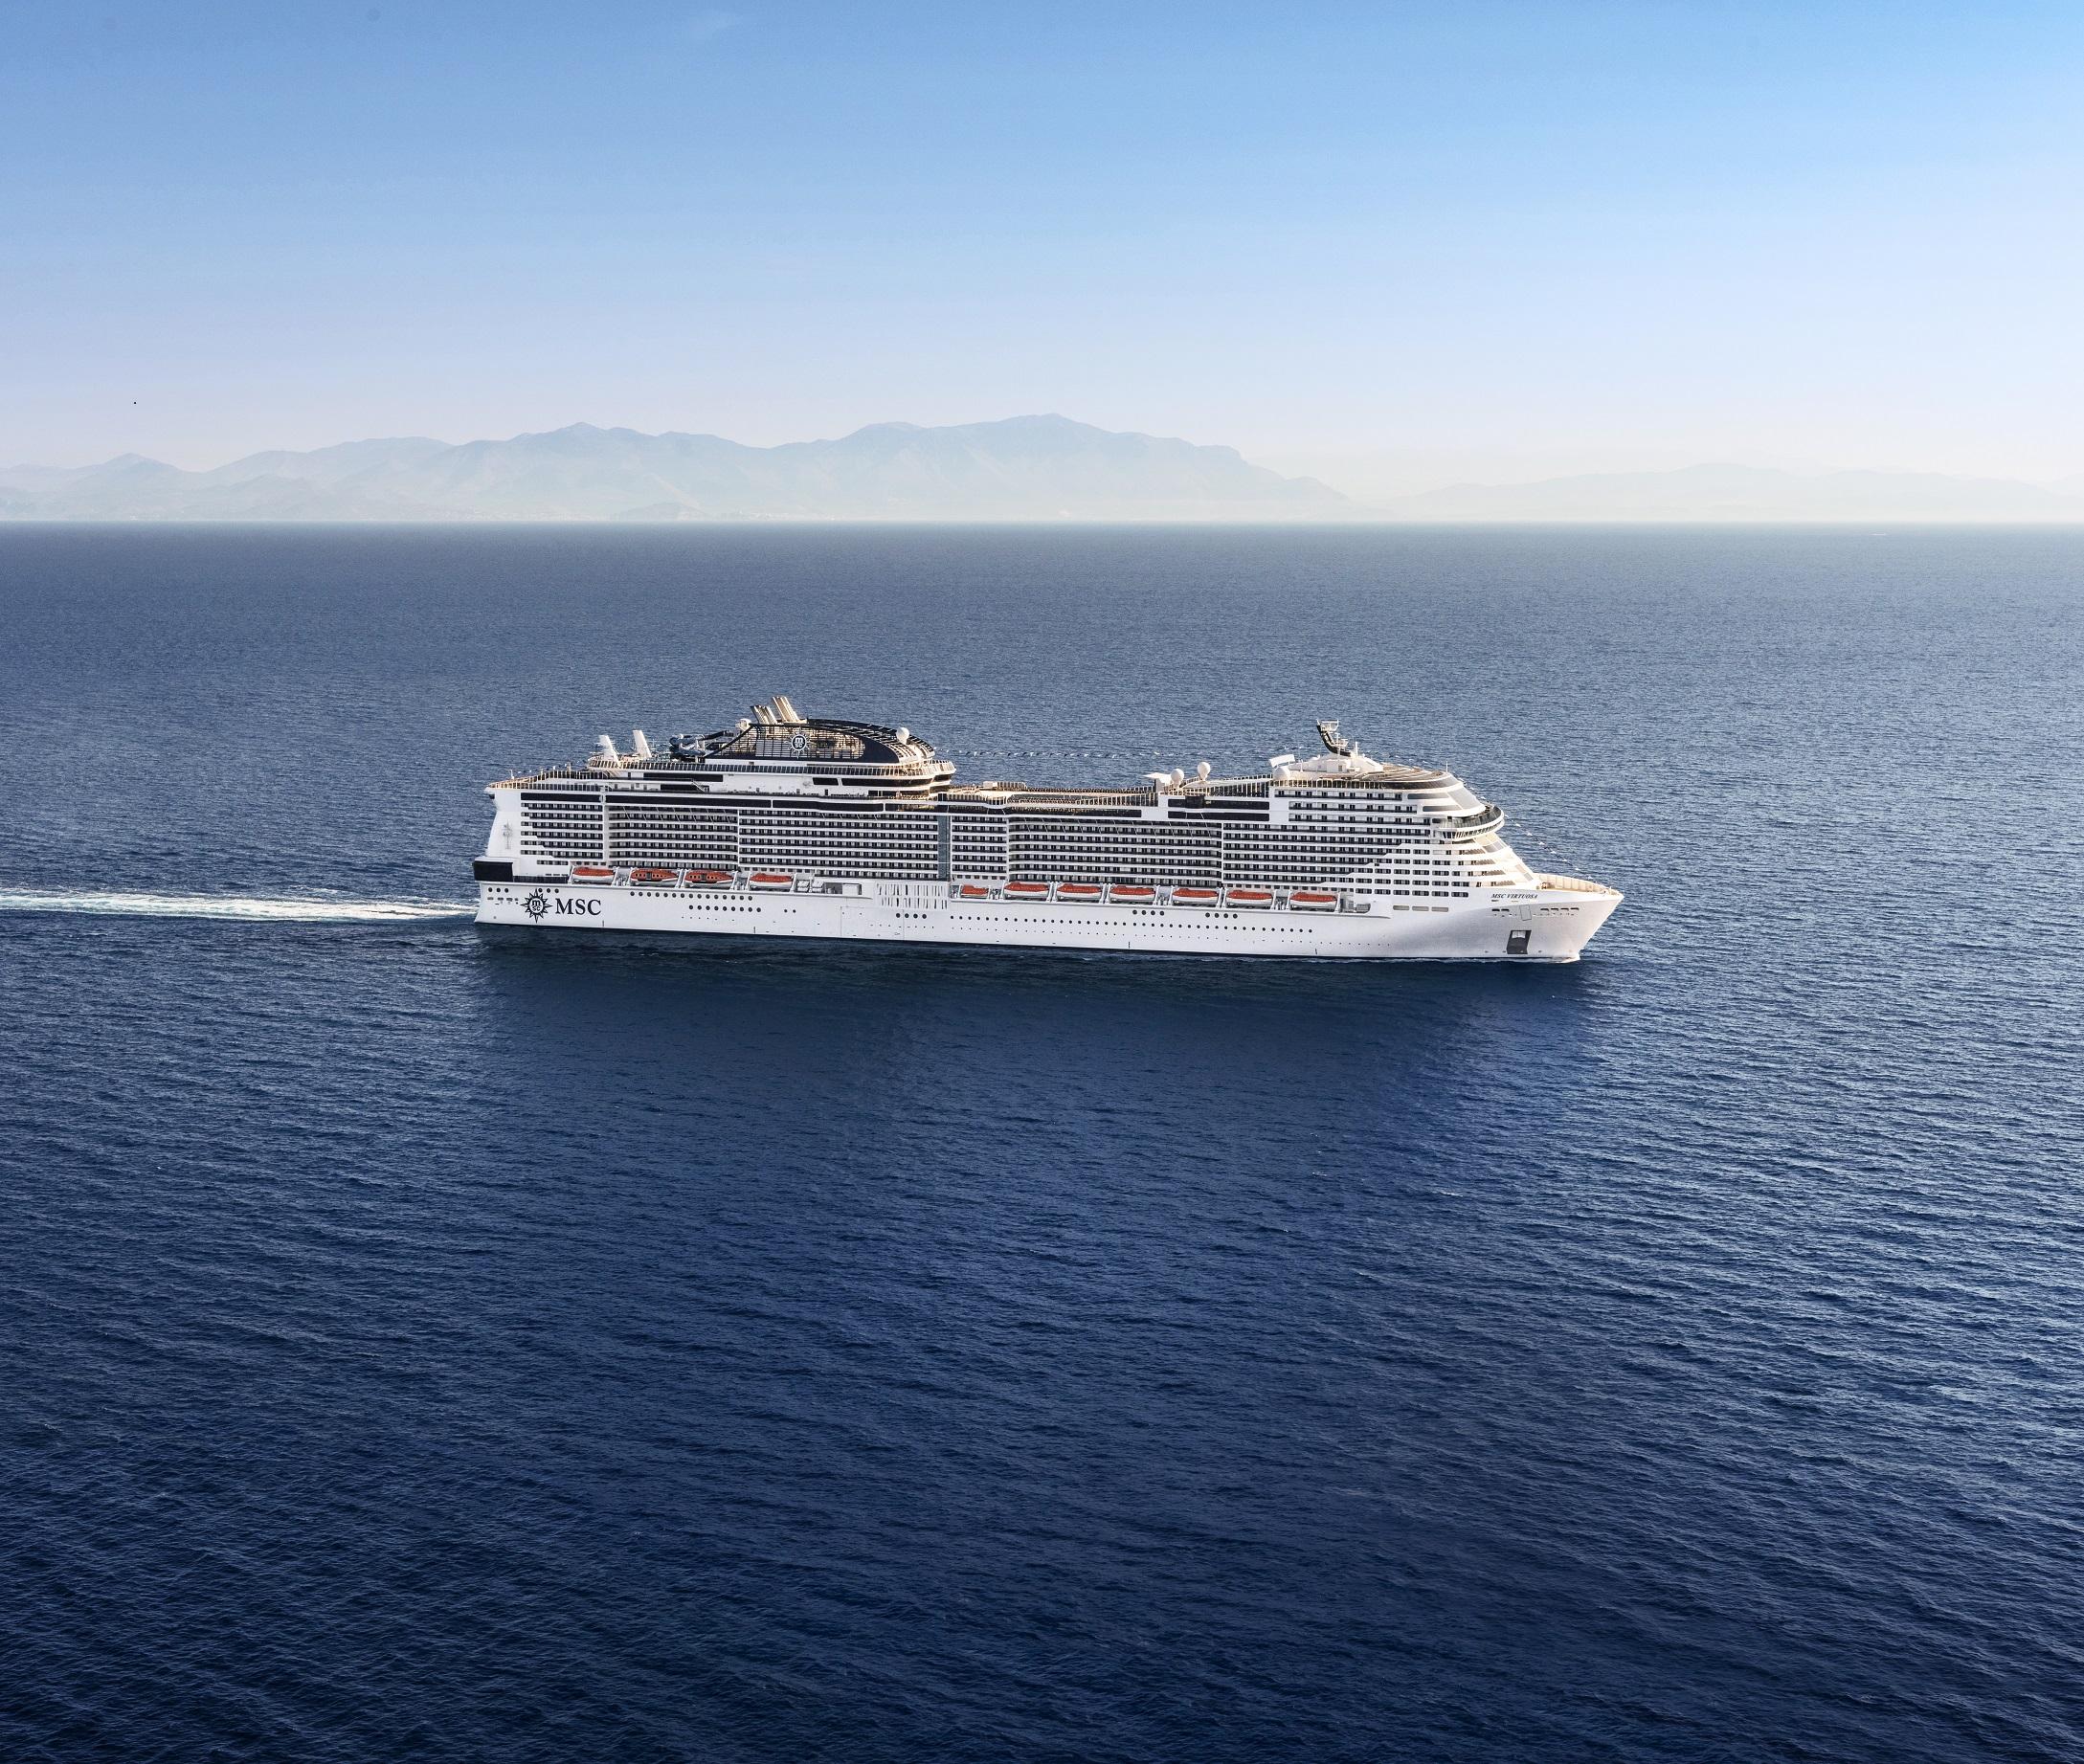 MSC crociere rafforza le misure precauzionali a tutela della salute dei passeggeri su tutte le navi della flotta